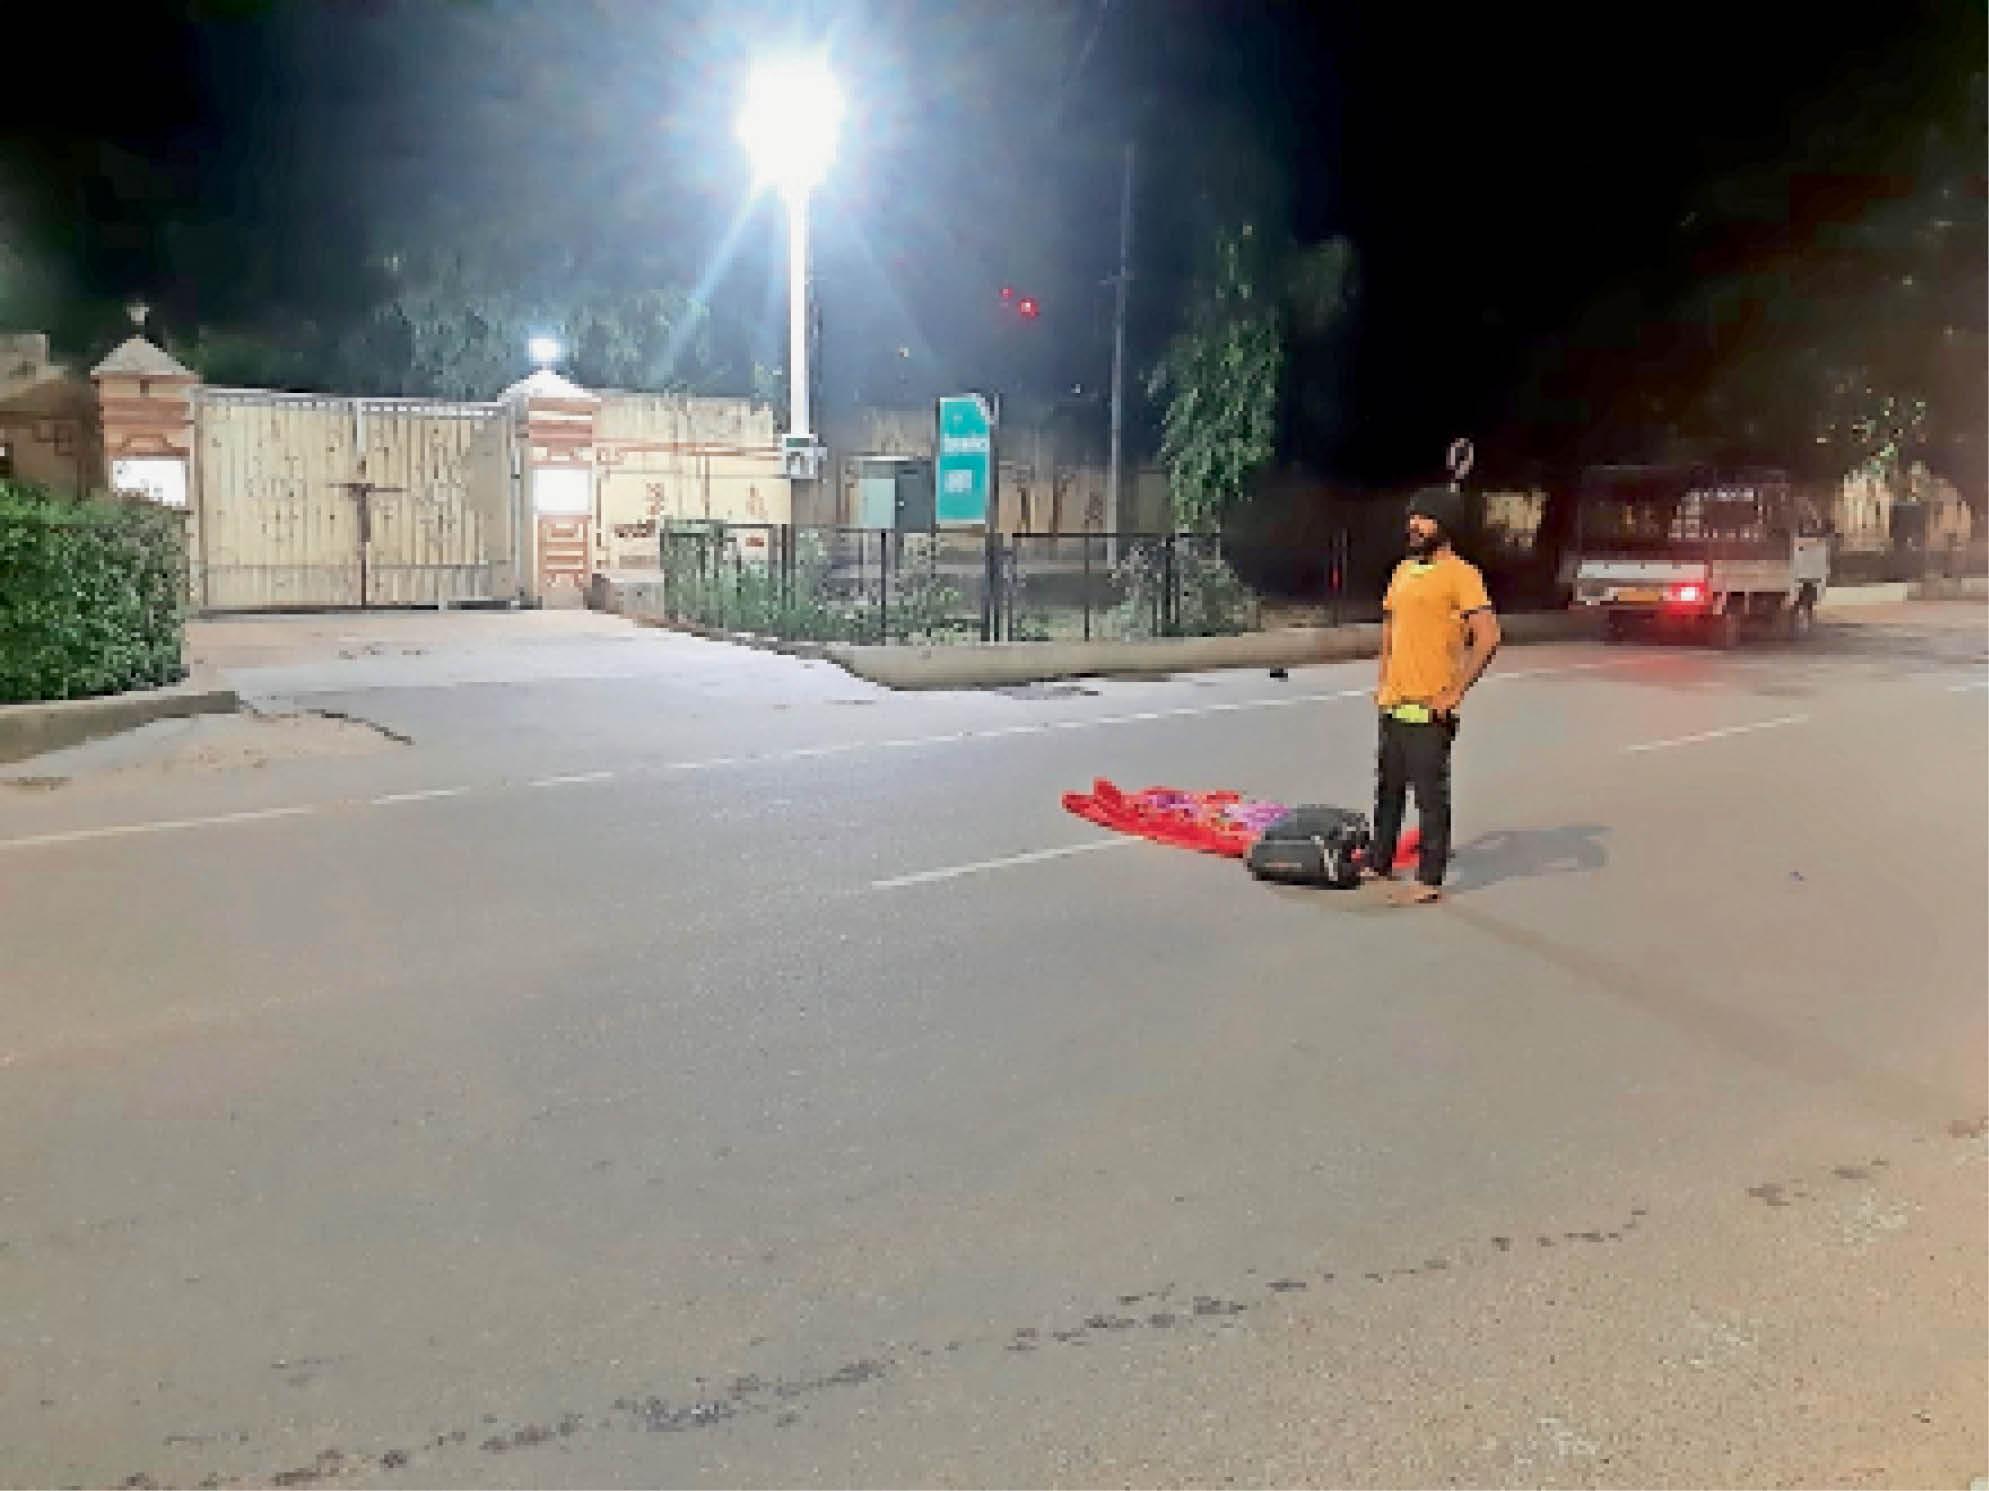 परिजनों से नाराज युवक कलेक्टर आवास के सामने सड़क पर लेटा|सीकर,Sikar - Dainik Bhaskar